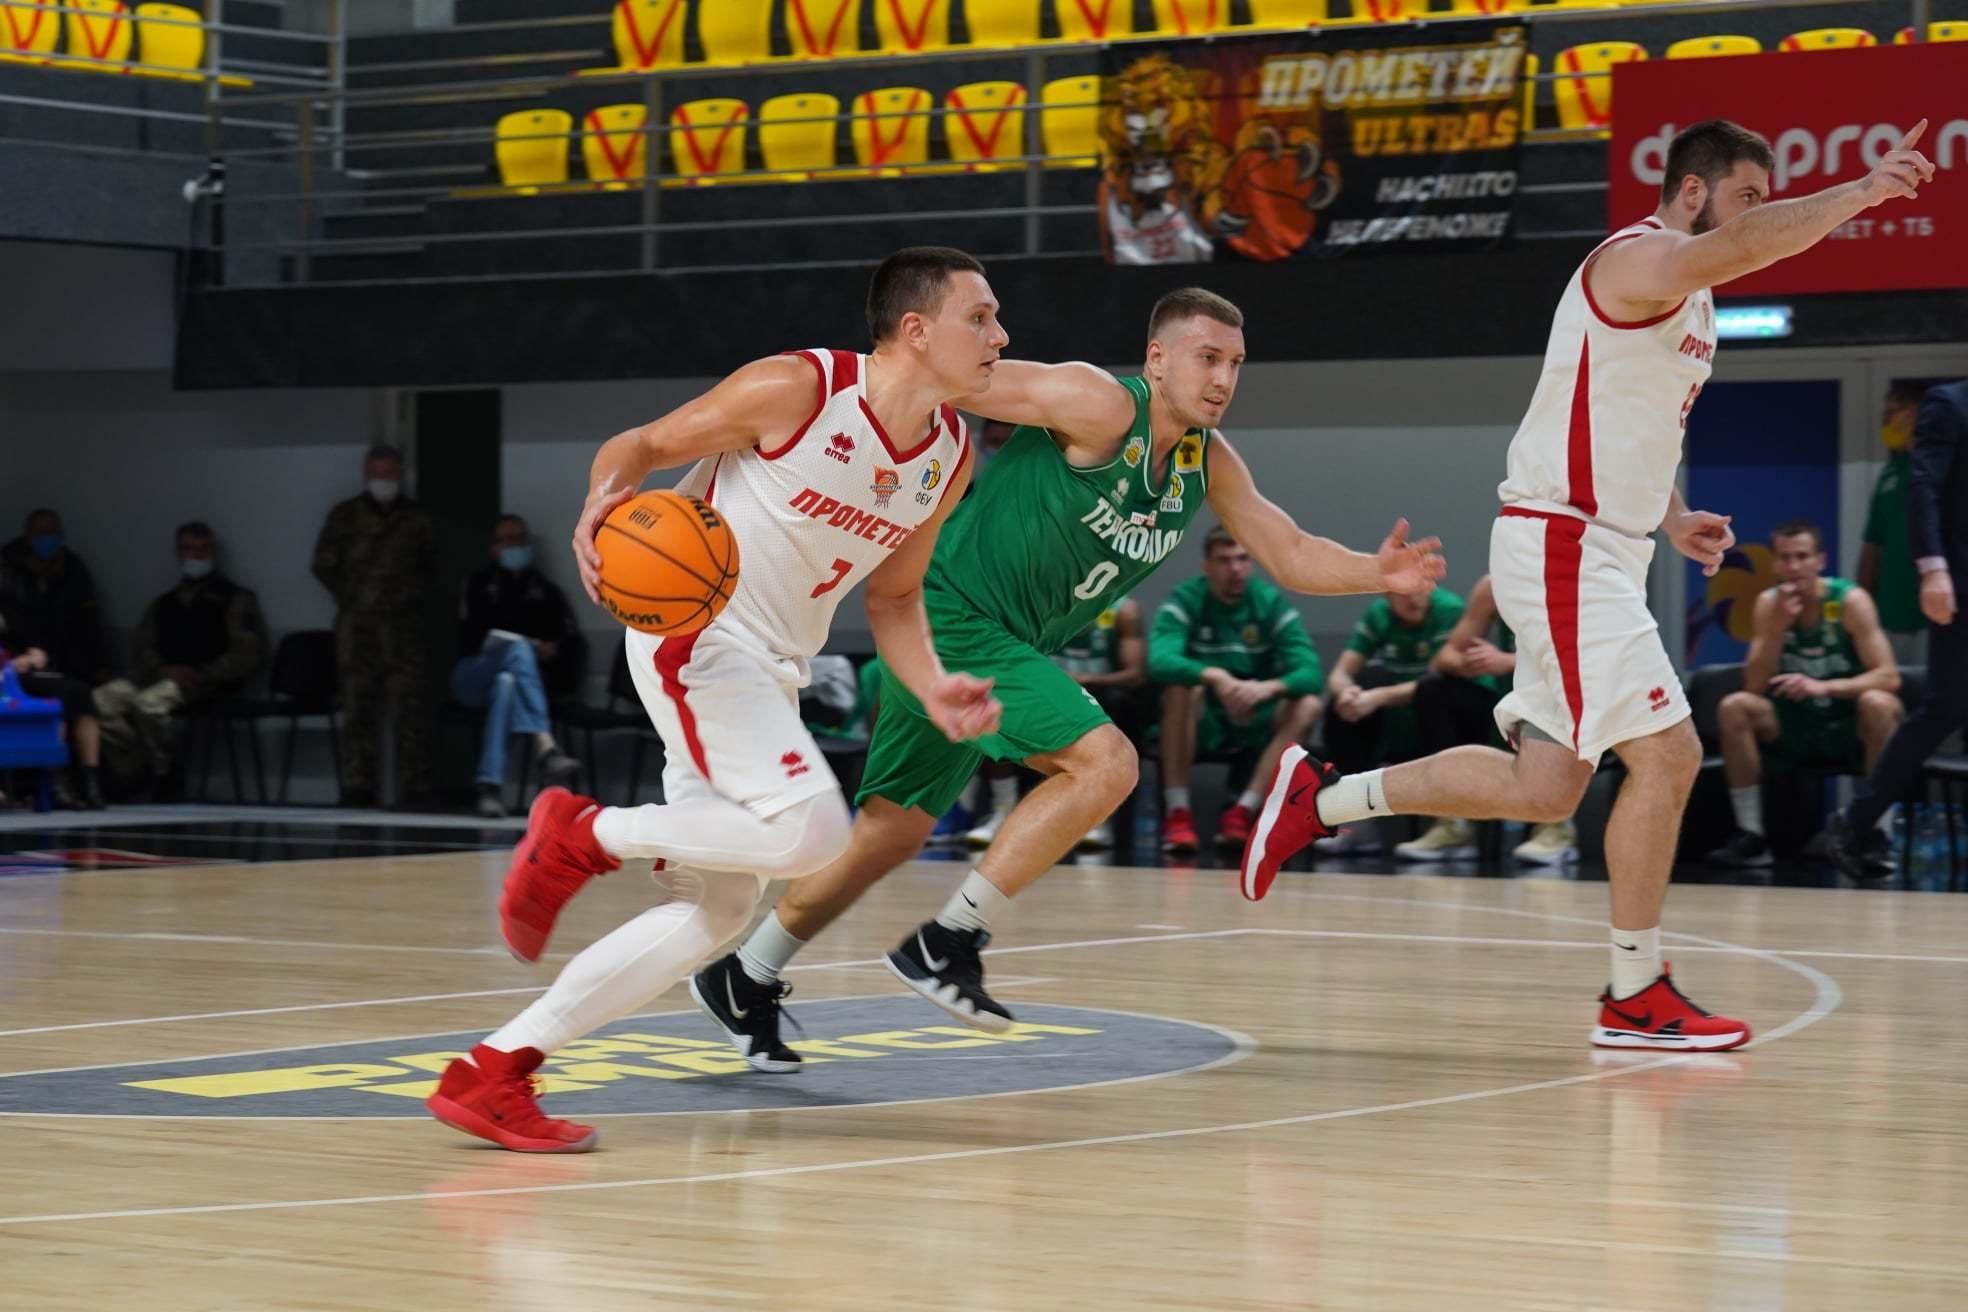 Київ-Баскет лідирує, боротьба за трійку продовжується: ситуація в турнірній таблиці Суперліги Паріматч